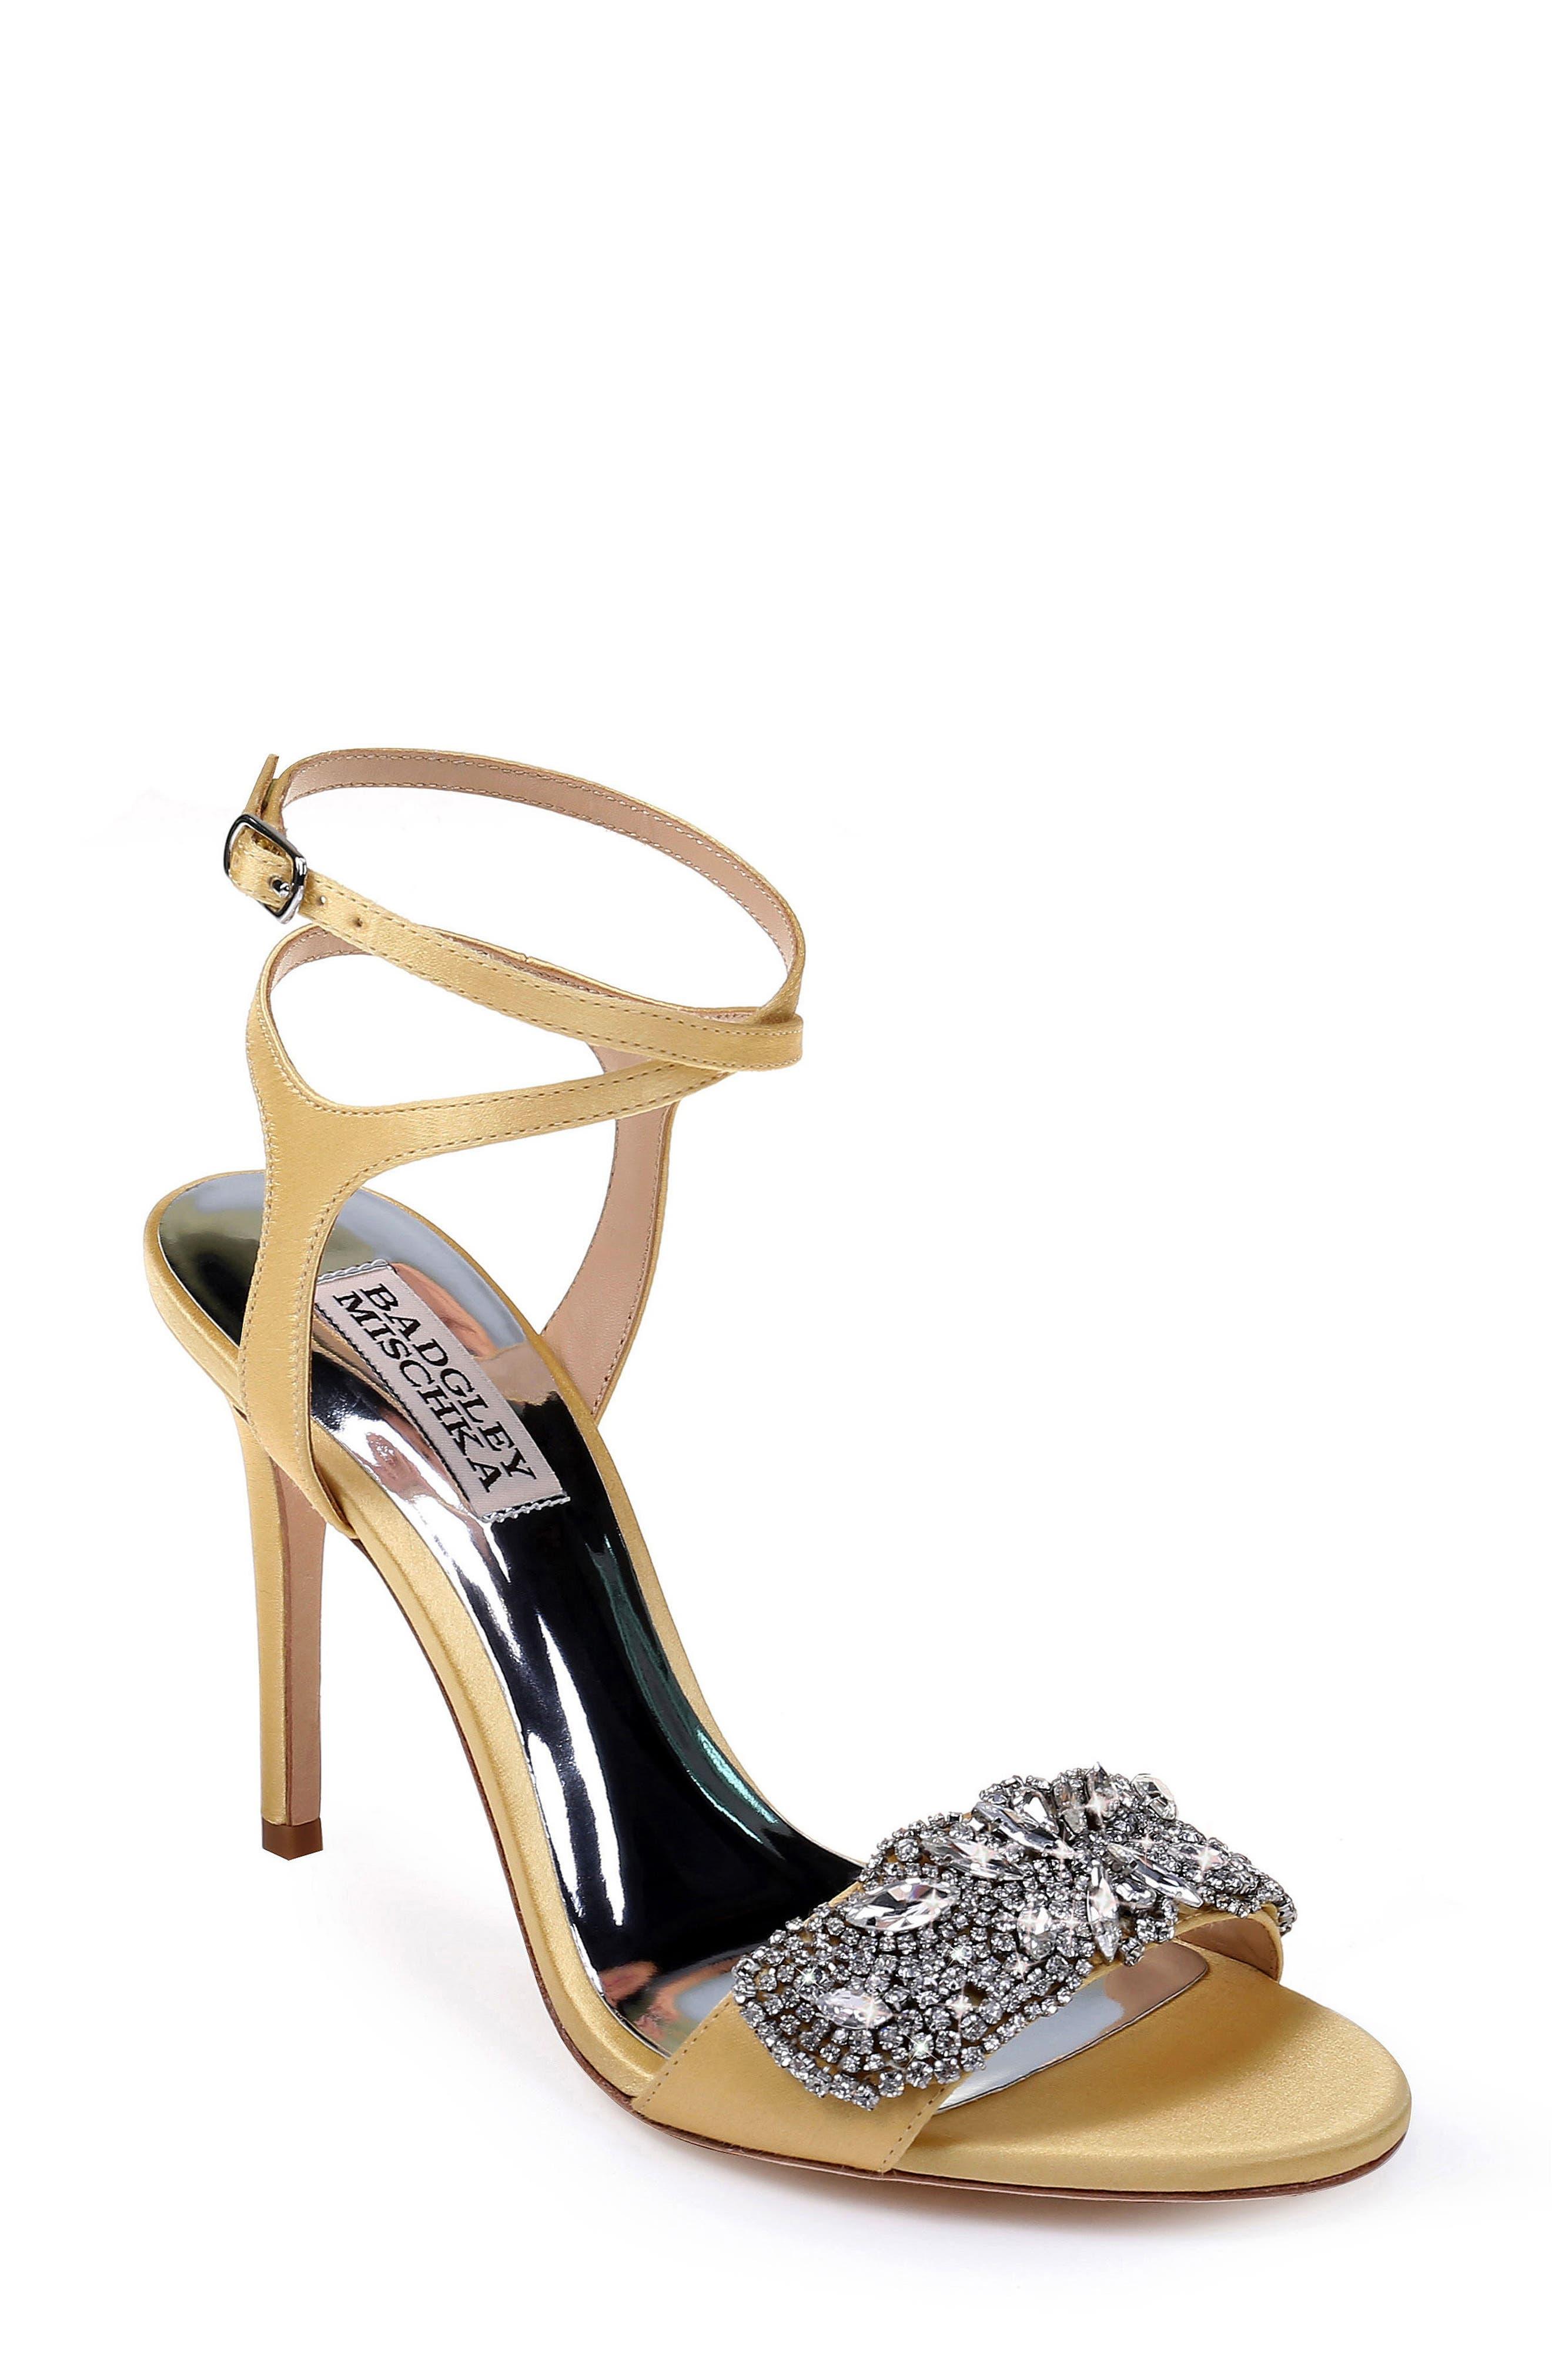 bdcb30852da BADGLEY MISCHKA Hailey Embellished Ankle Strap Sandal